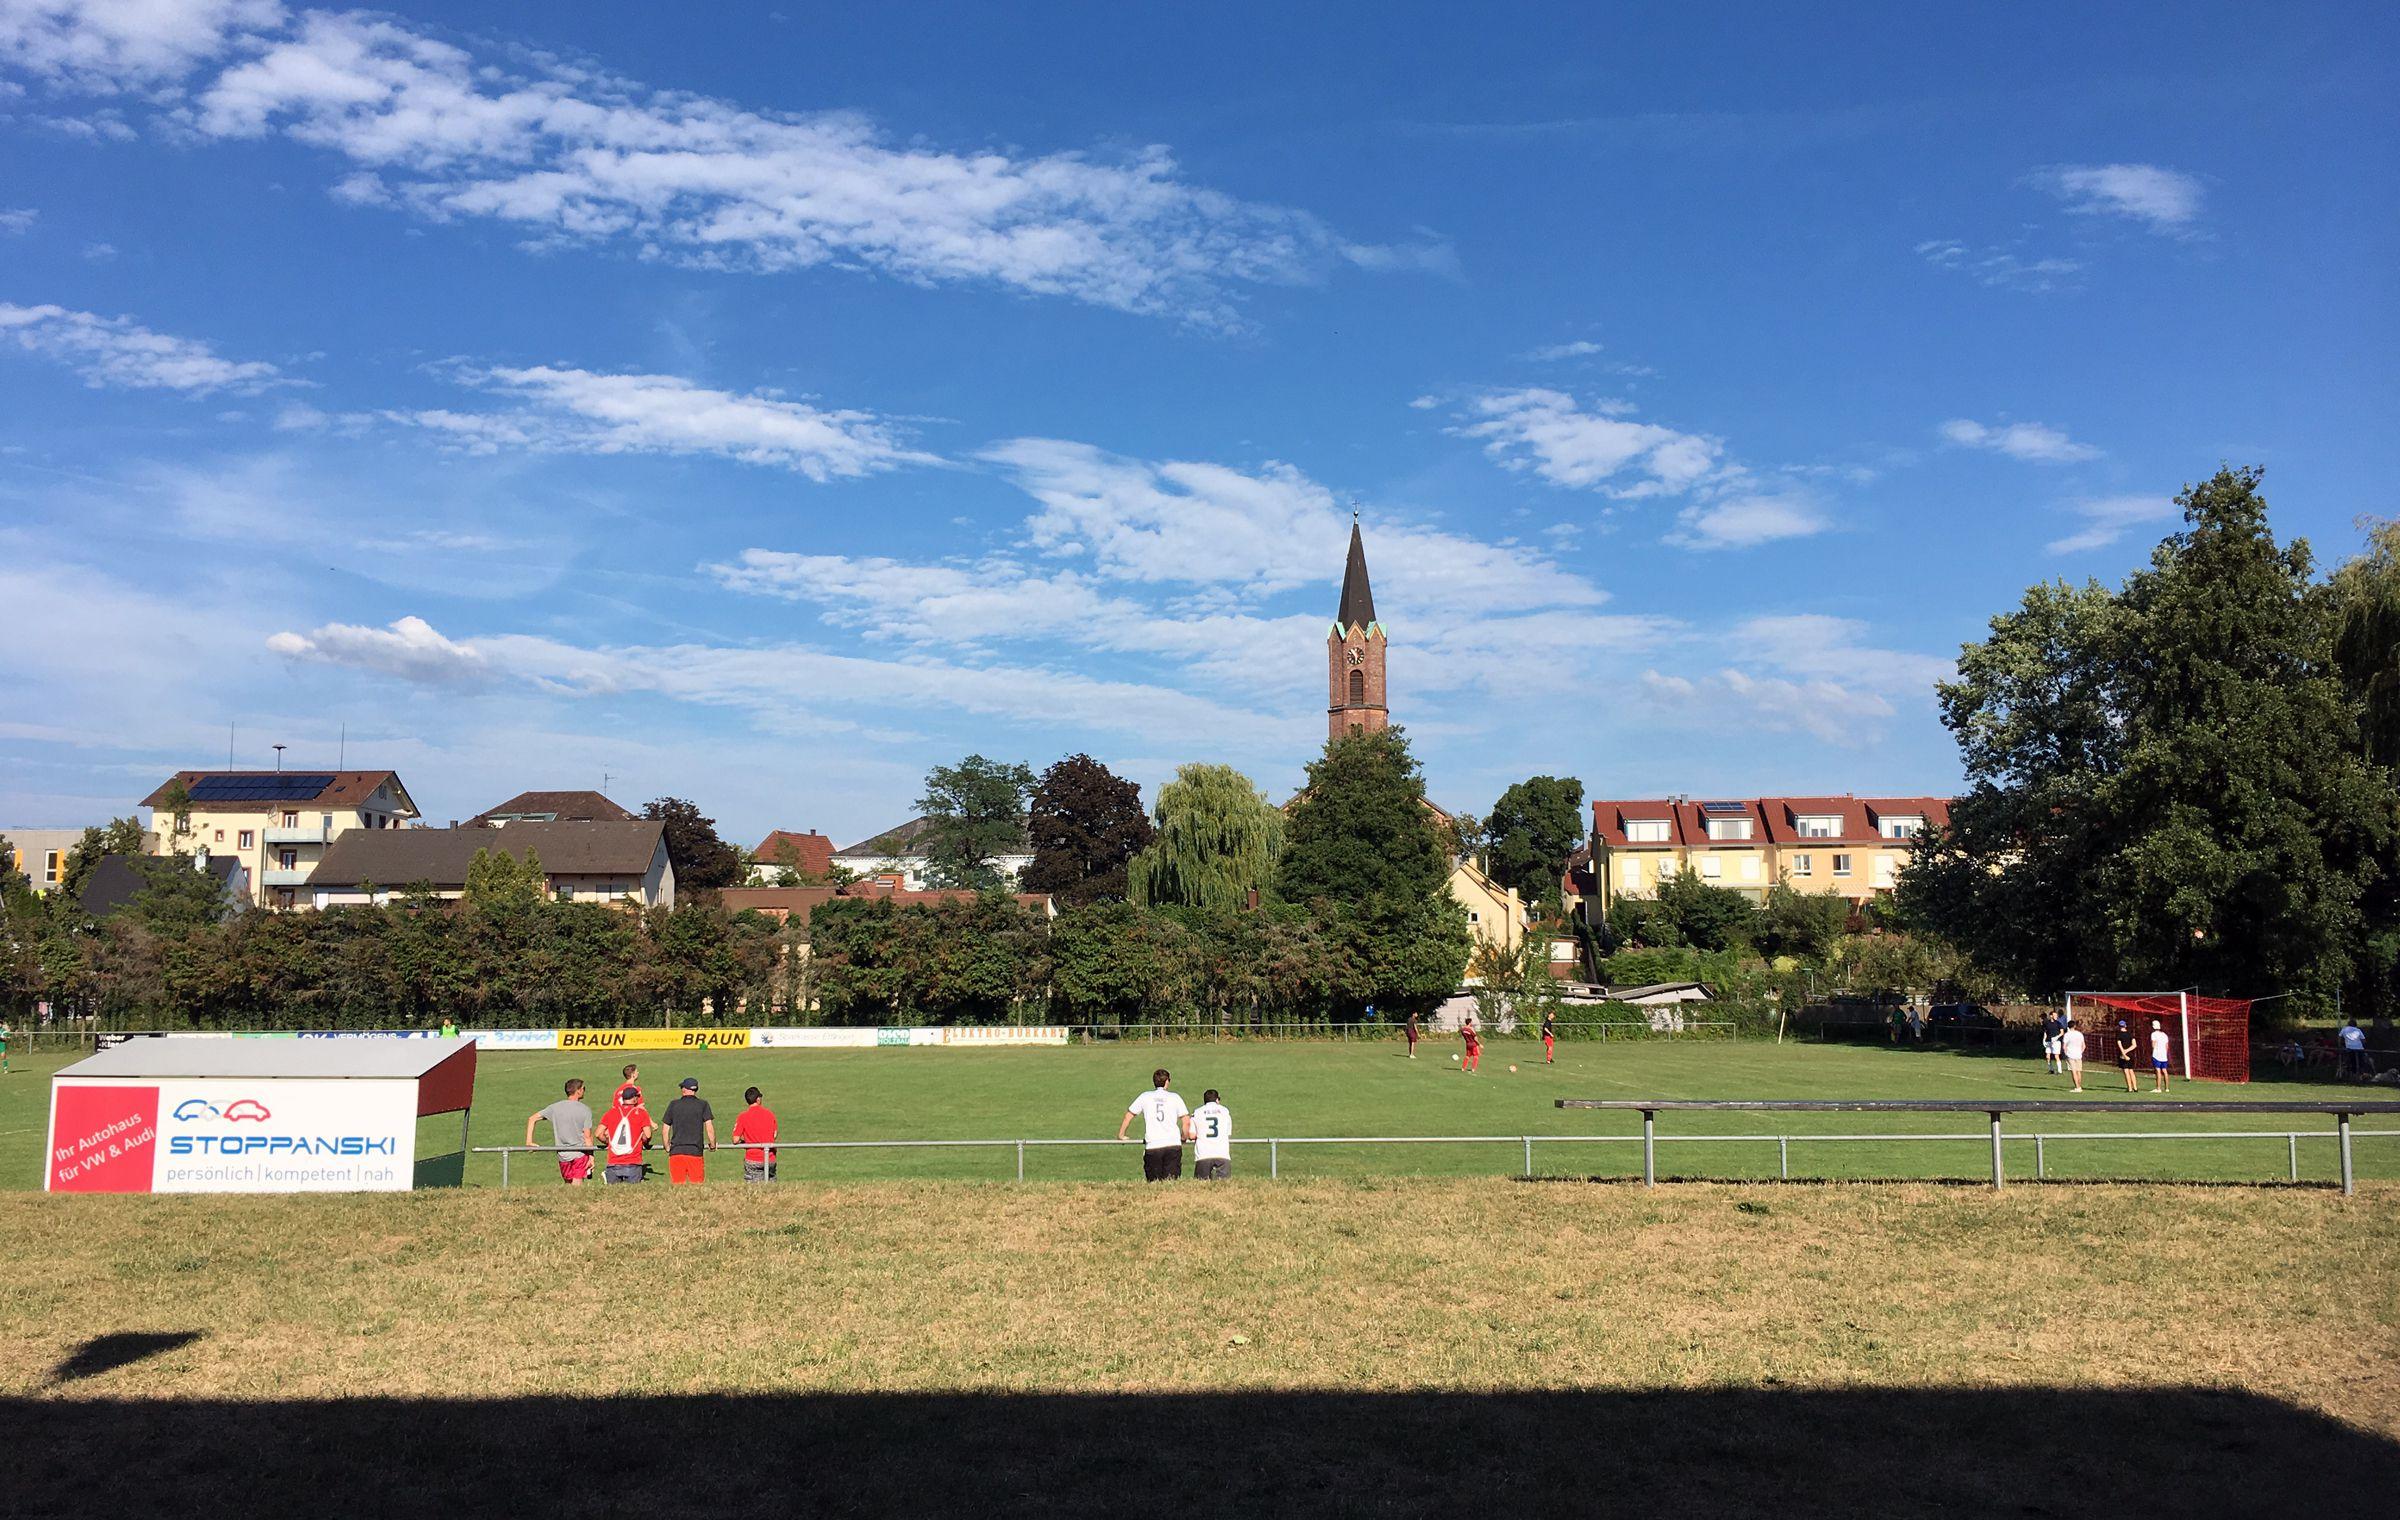 Sommerliche Wärme über dem Sportplatz…